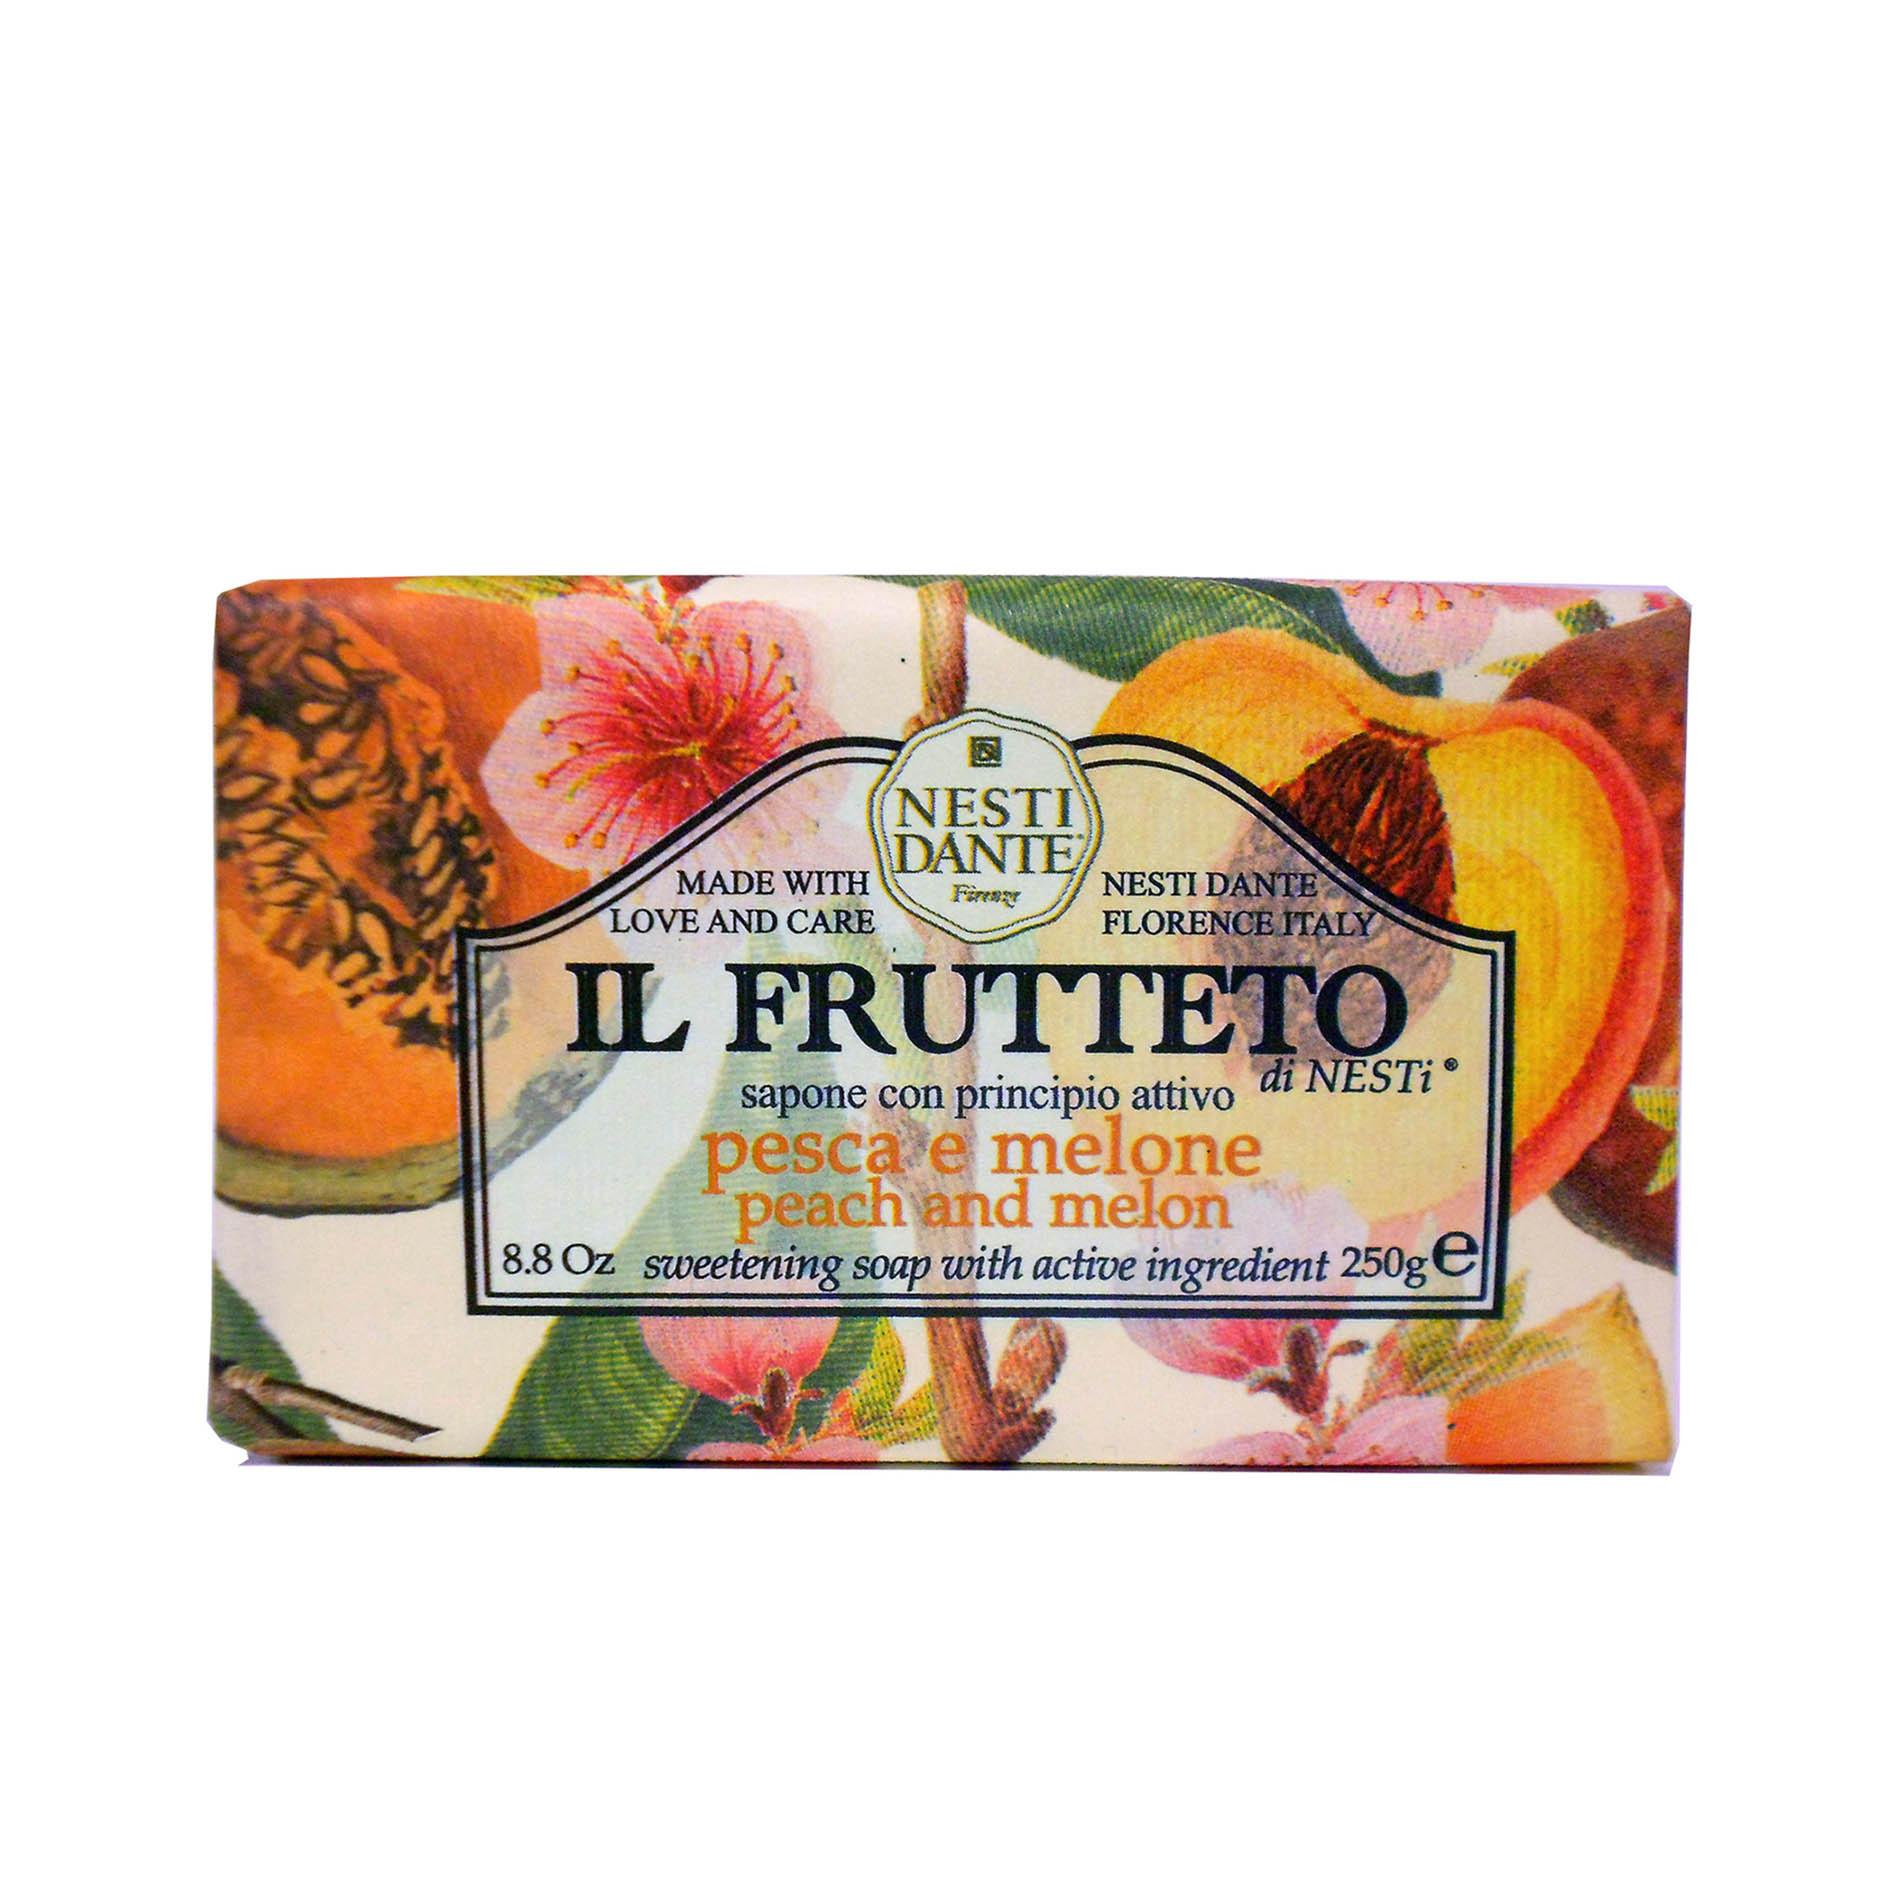 Il Frutteto - Pesca E Melone, Arancione, large image number 0